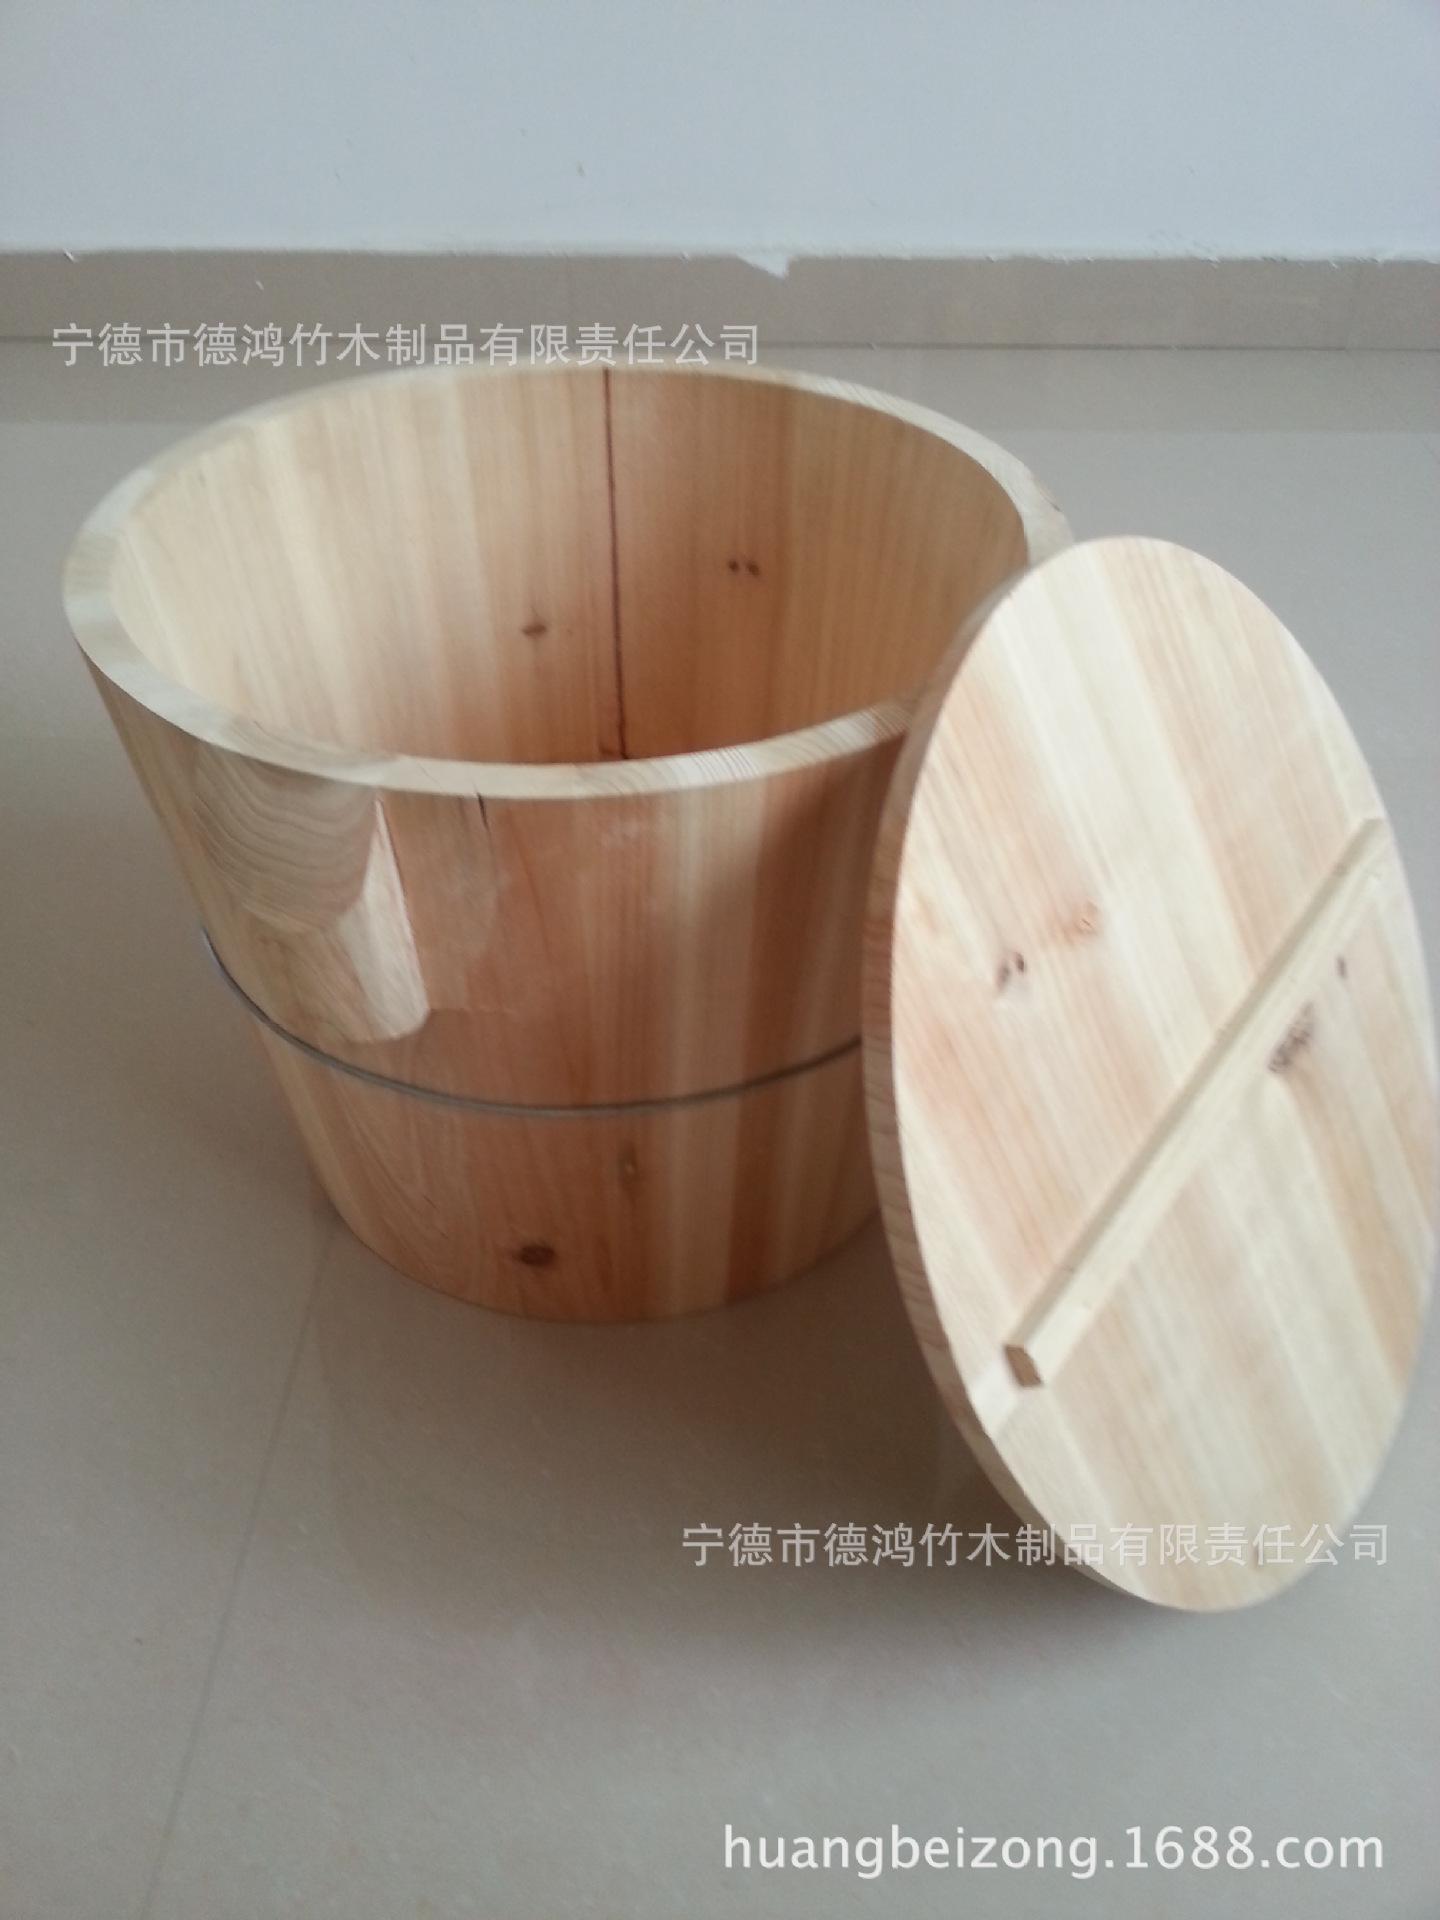 杉木木桶、蒸饭、饭桶、39CM蒸饭木桶、44CM蒸饭木桶、自产自销